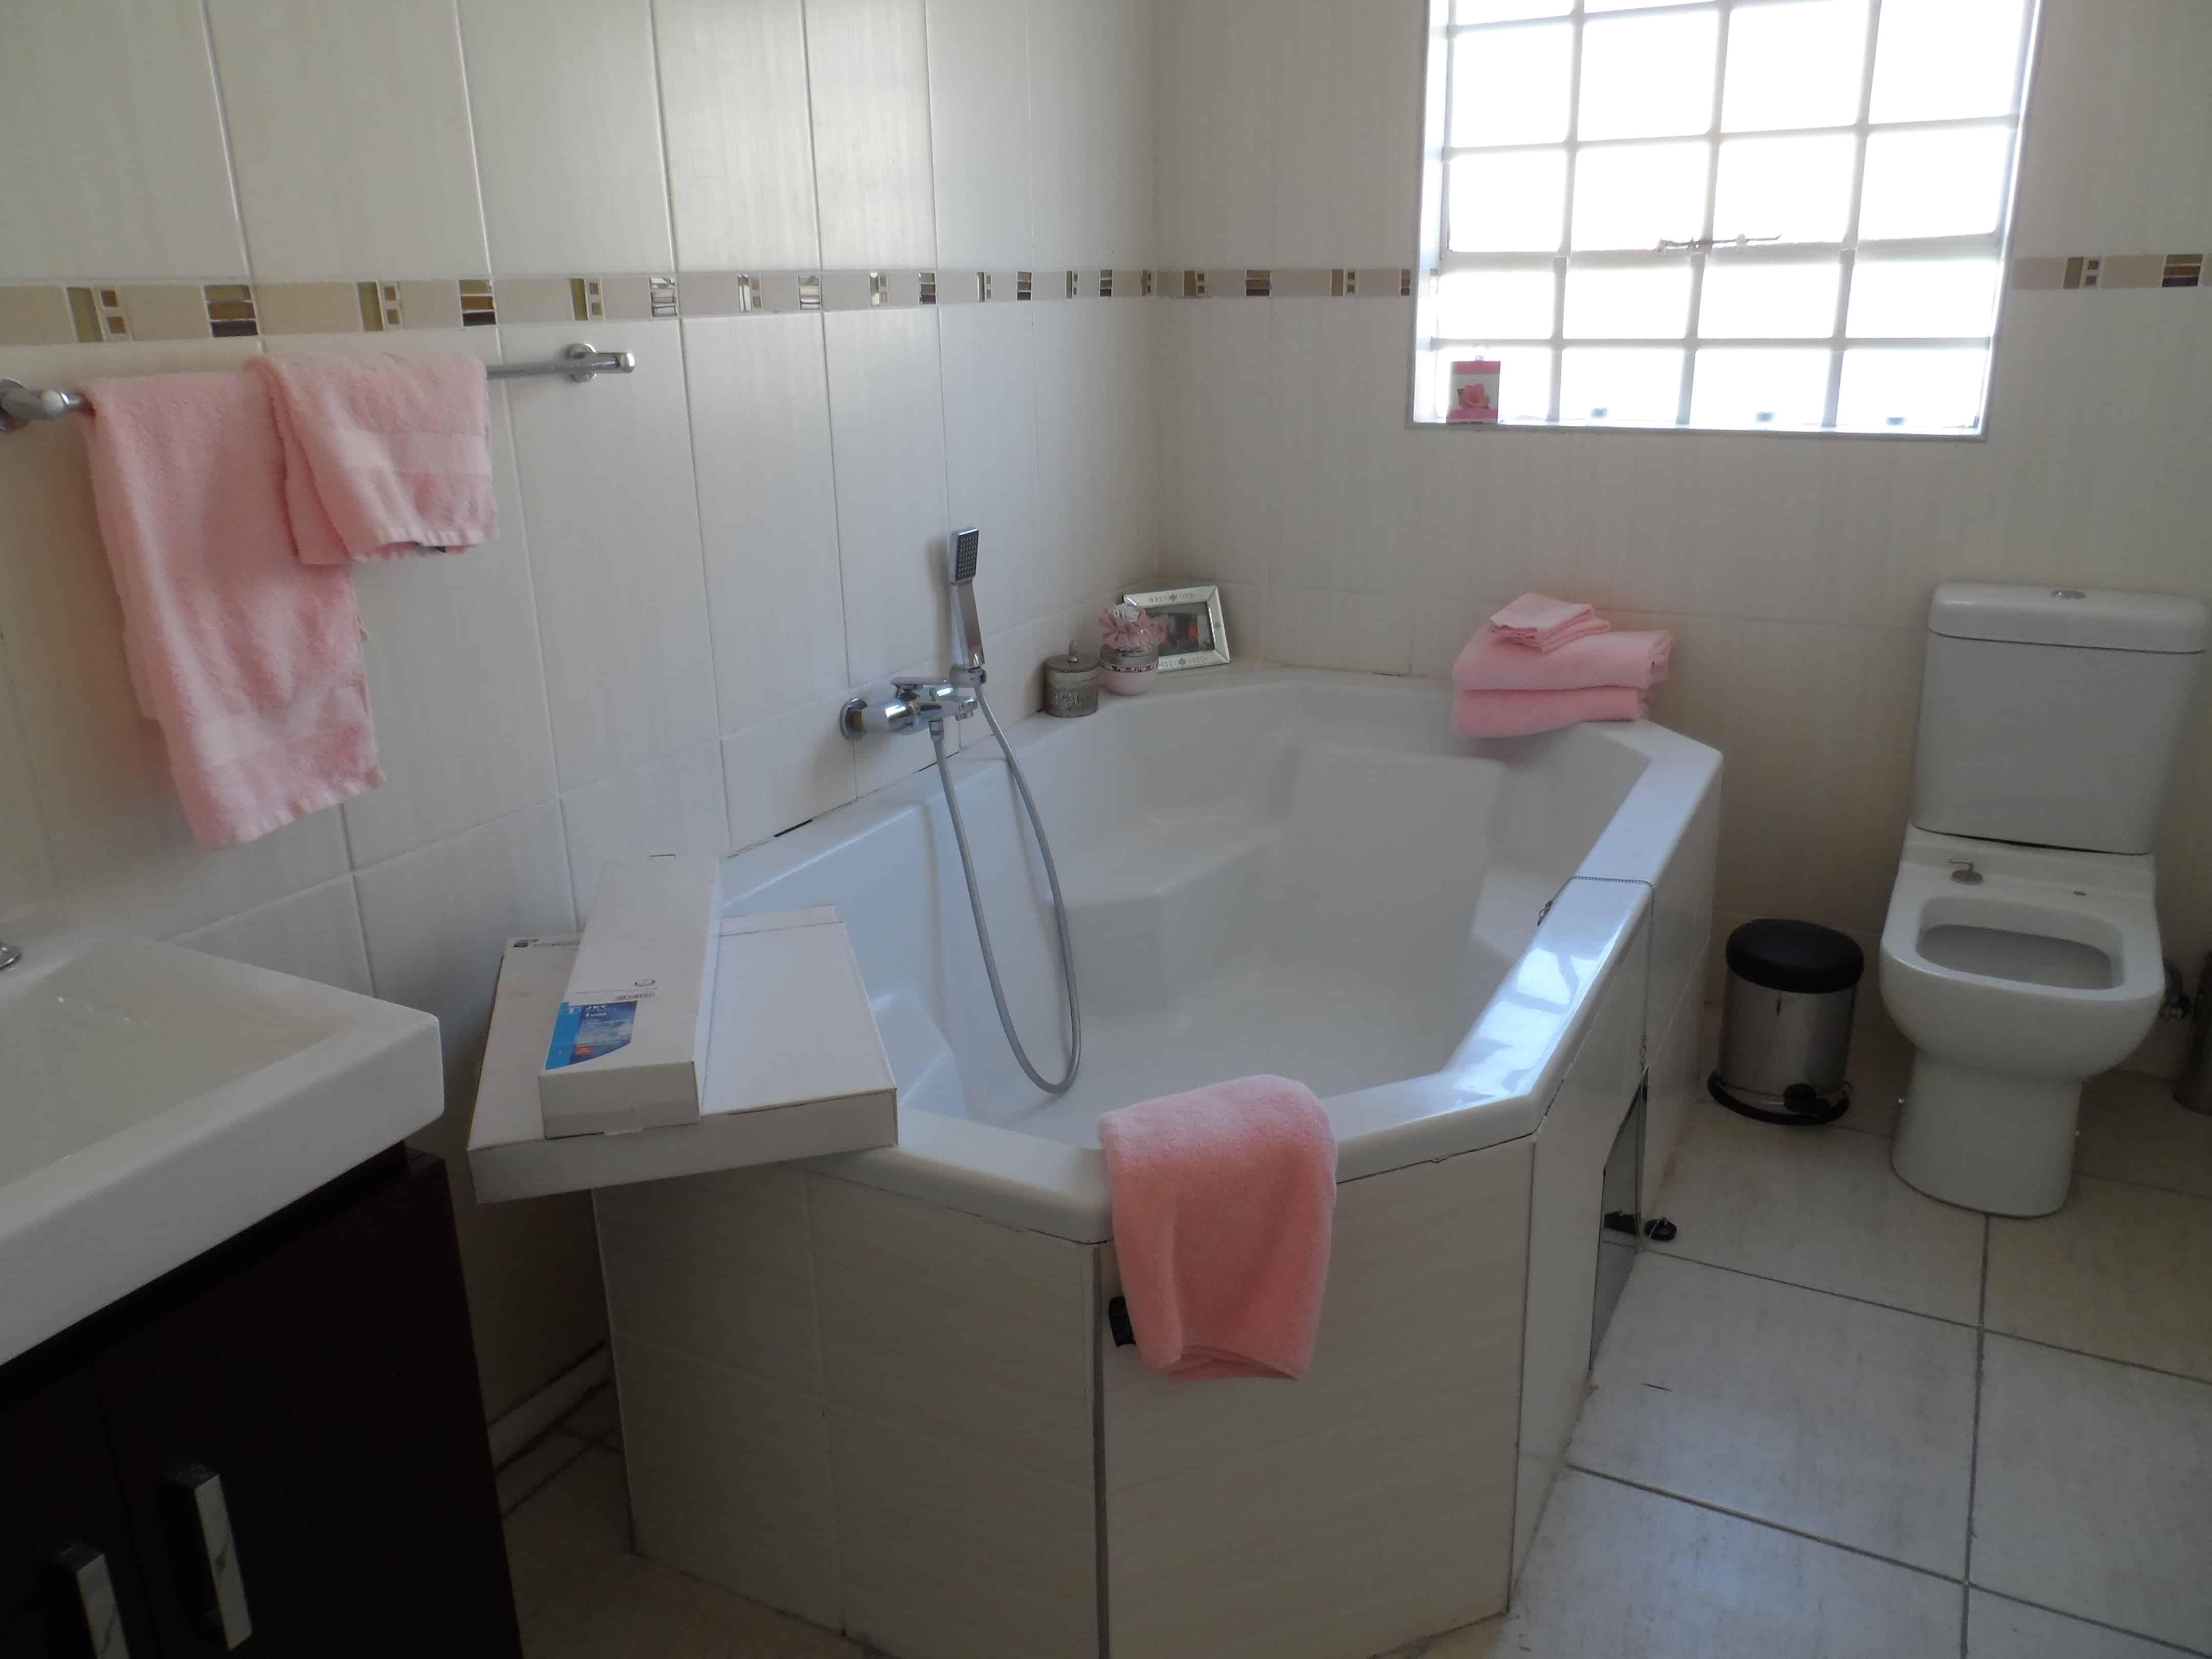 Botswana - noget om tjenestefolk i huset...